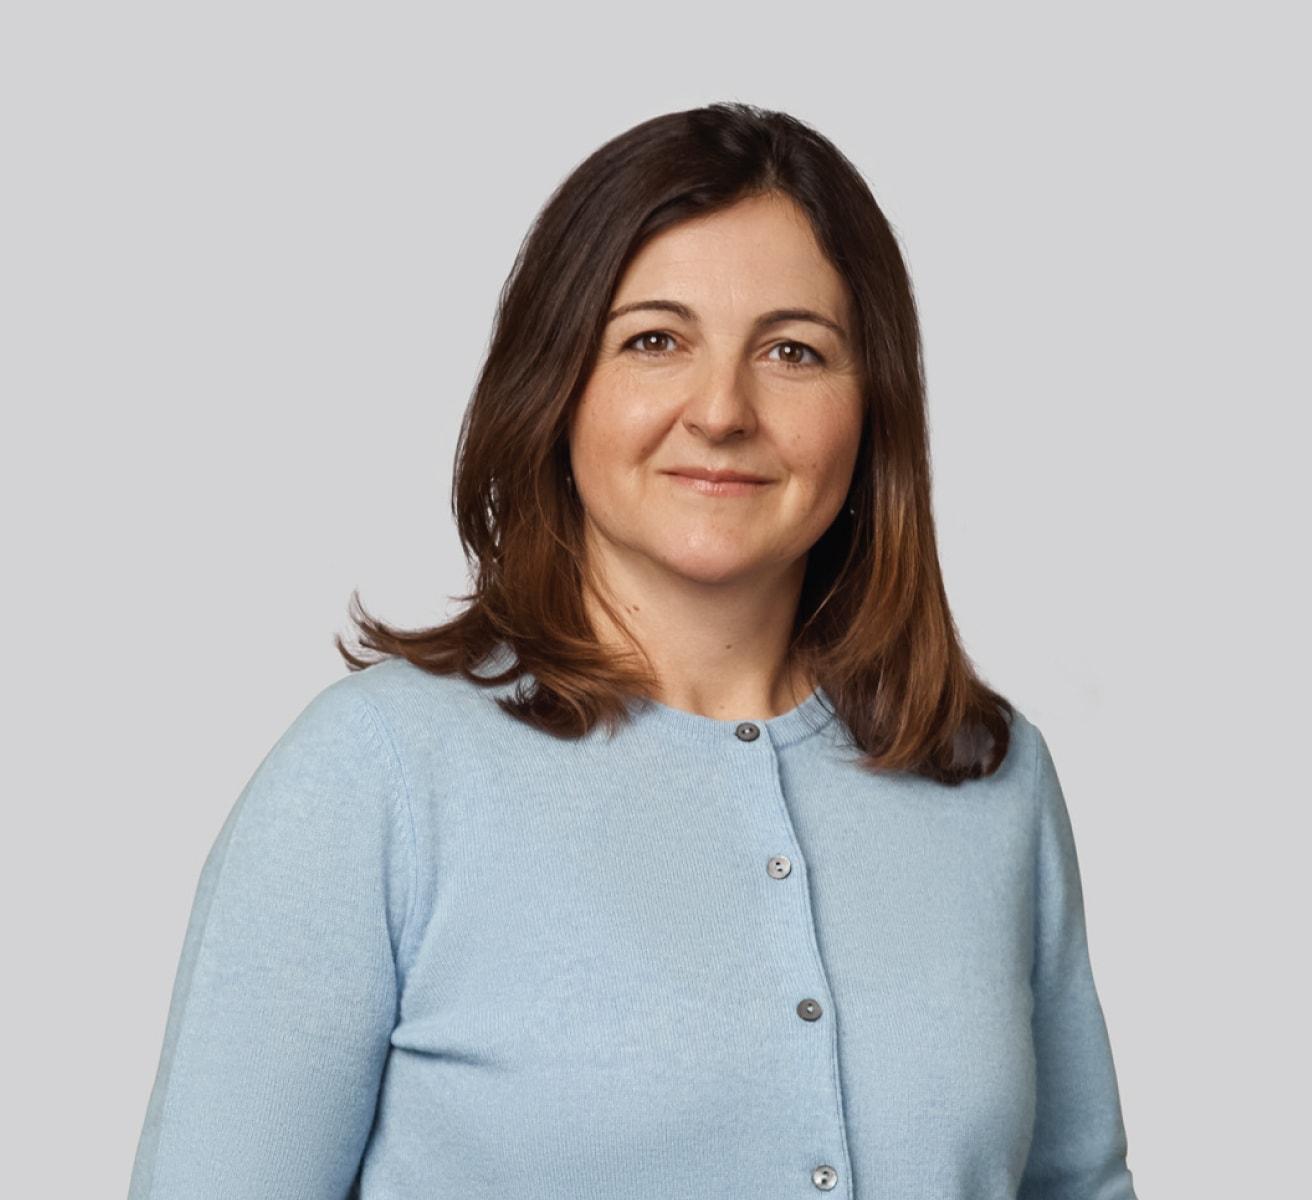 Vesna Ekedahl